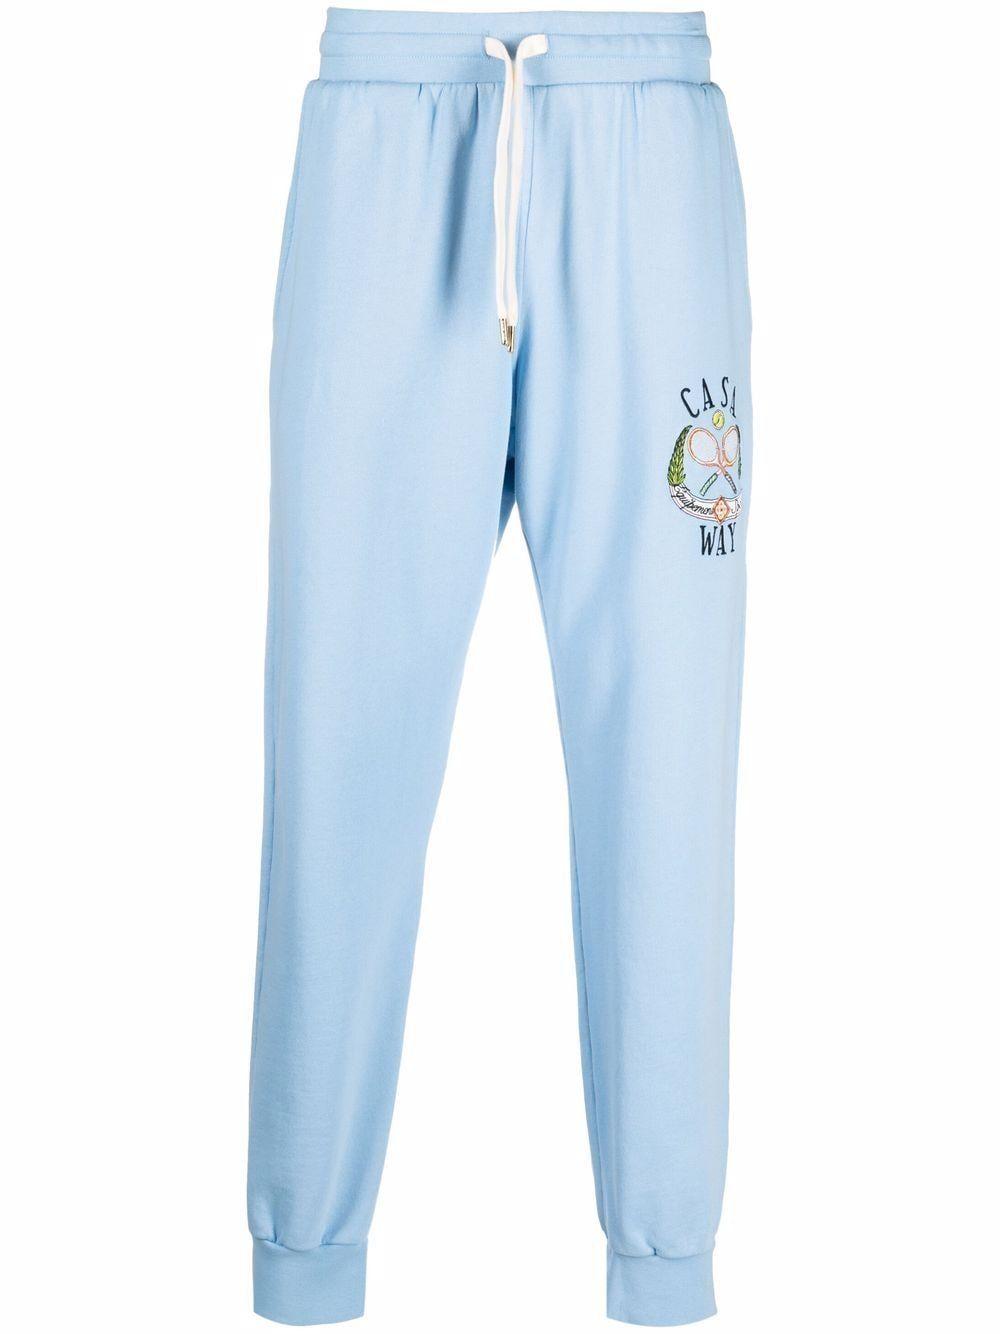 Pantalone della tuta logato in cotone